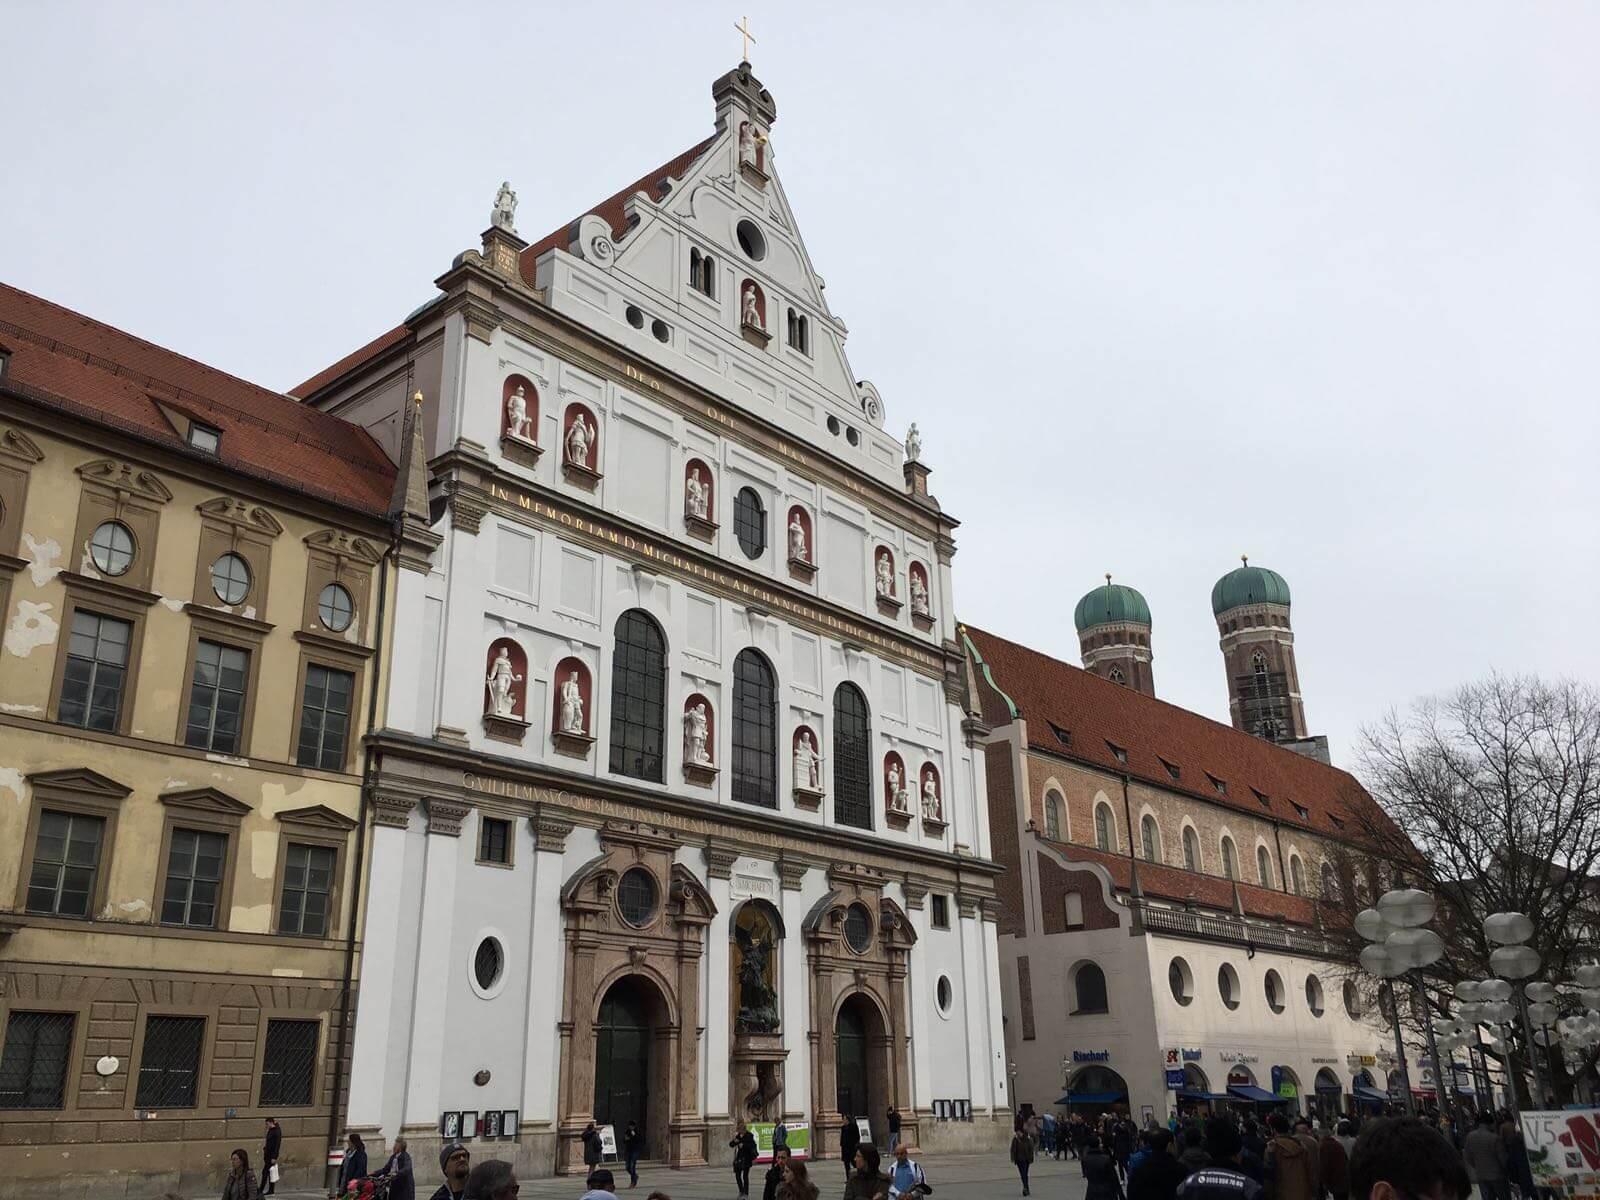 Münchens schönste Plätze, Sehenswerte Plätze in München, Ein Kurzurlaub in München ist immer interessant